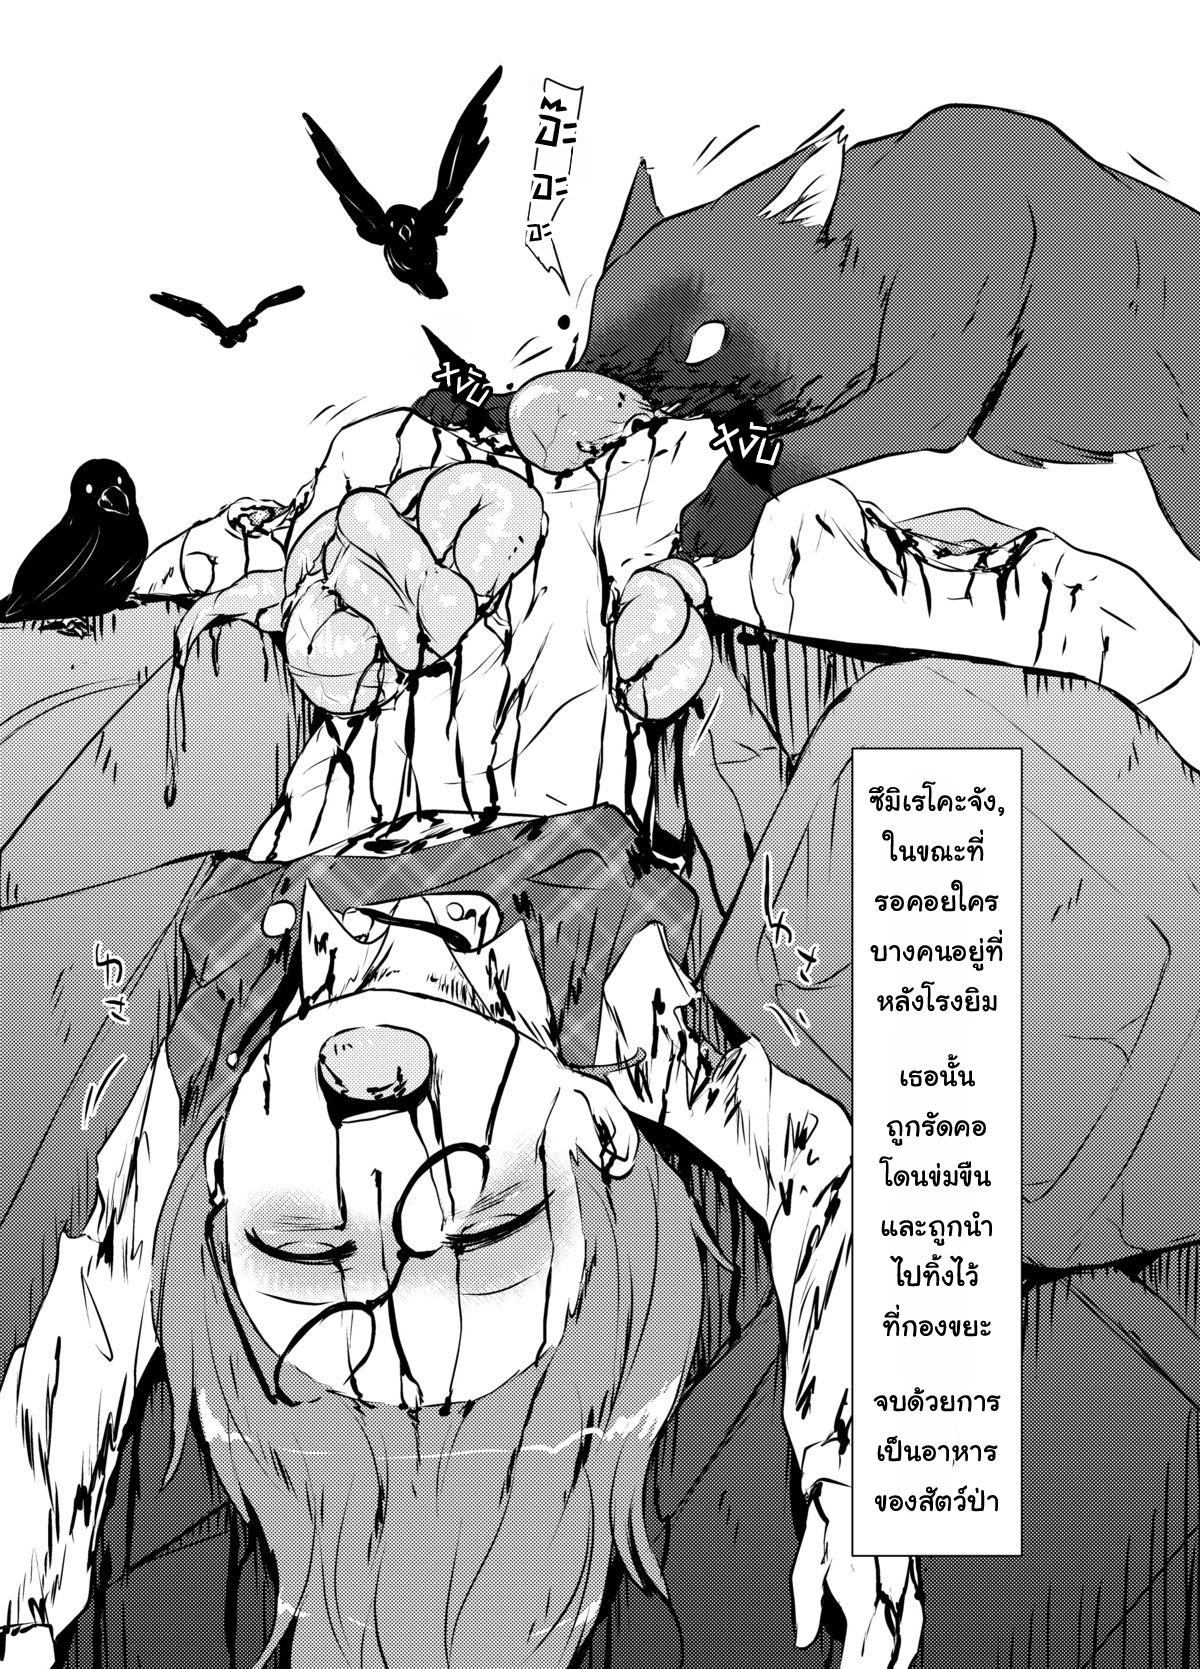 สาเหตุการเสียชีวิตของซึมิเรโคะจัง ภาพ 6